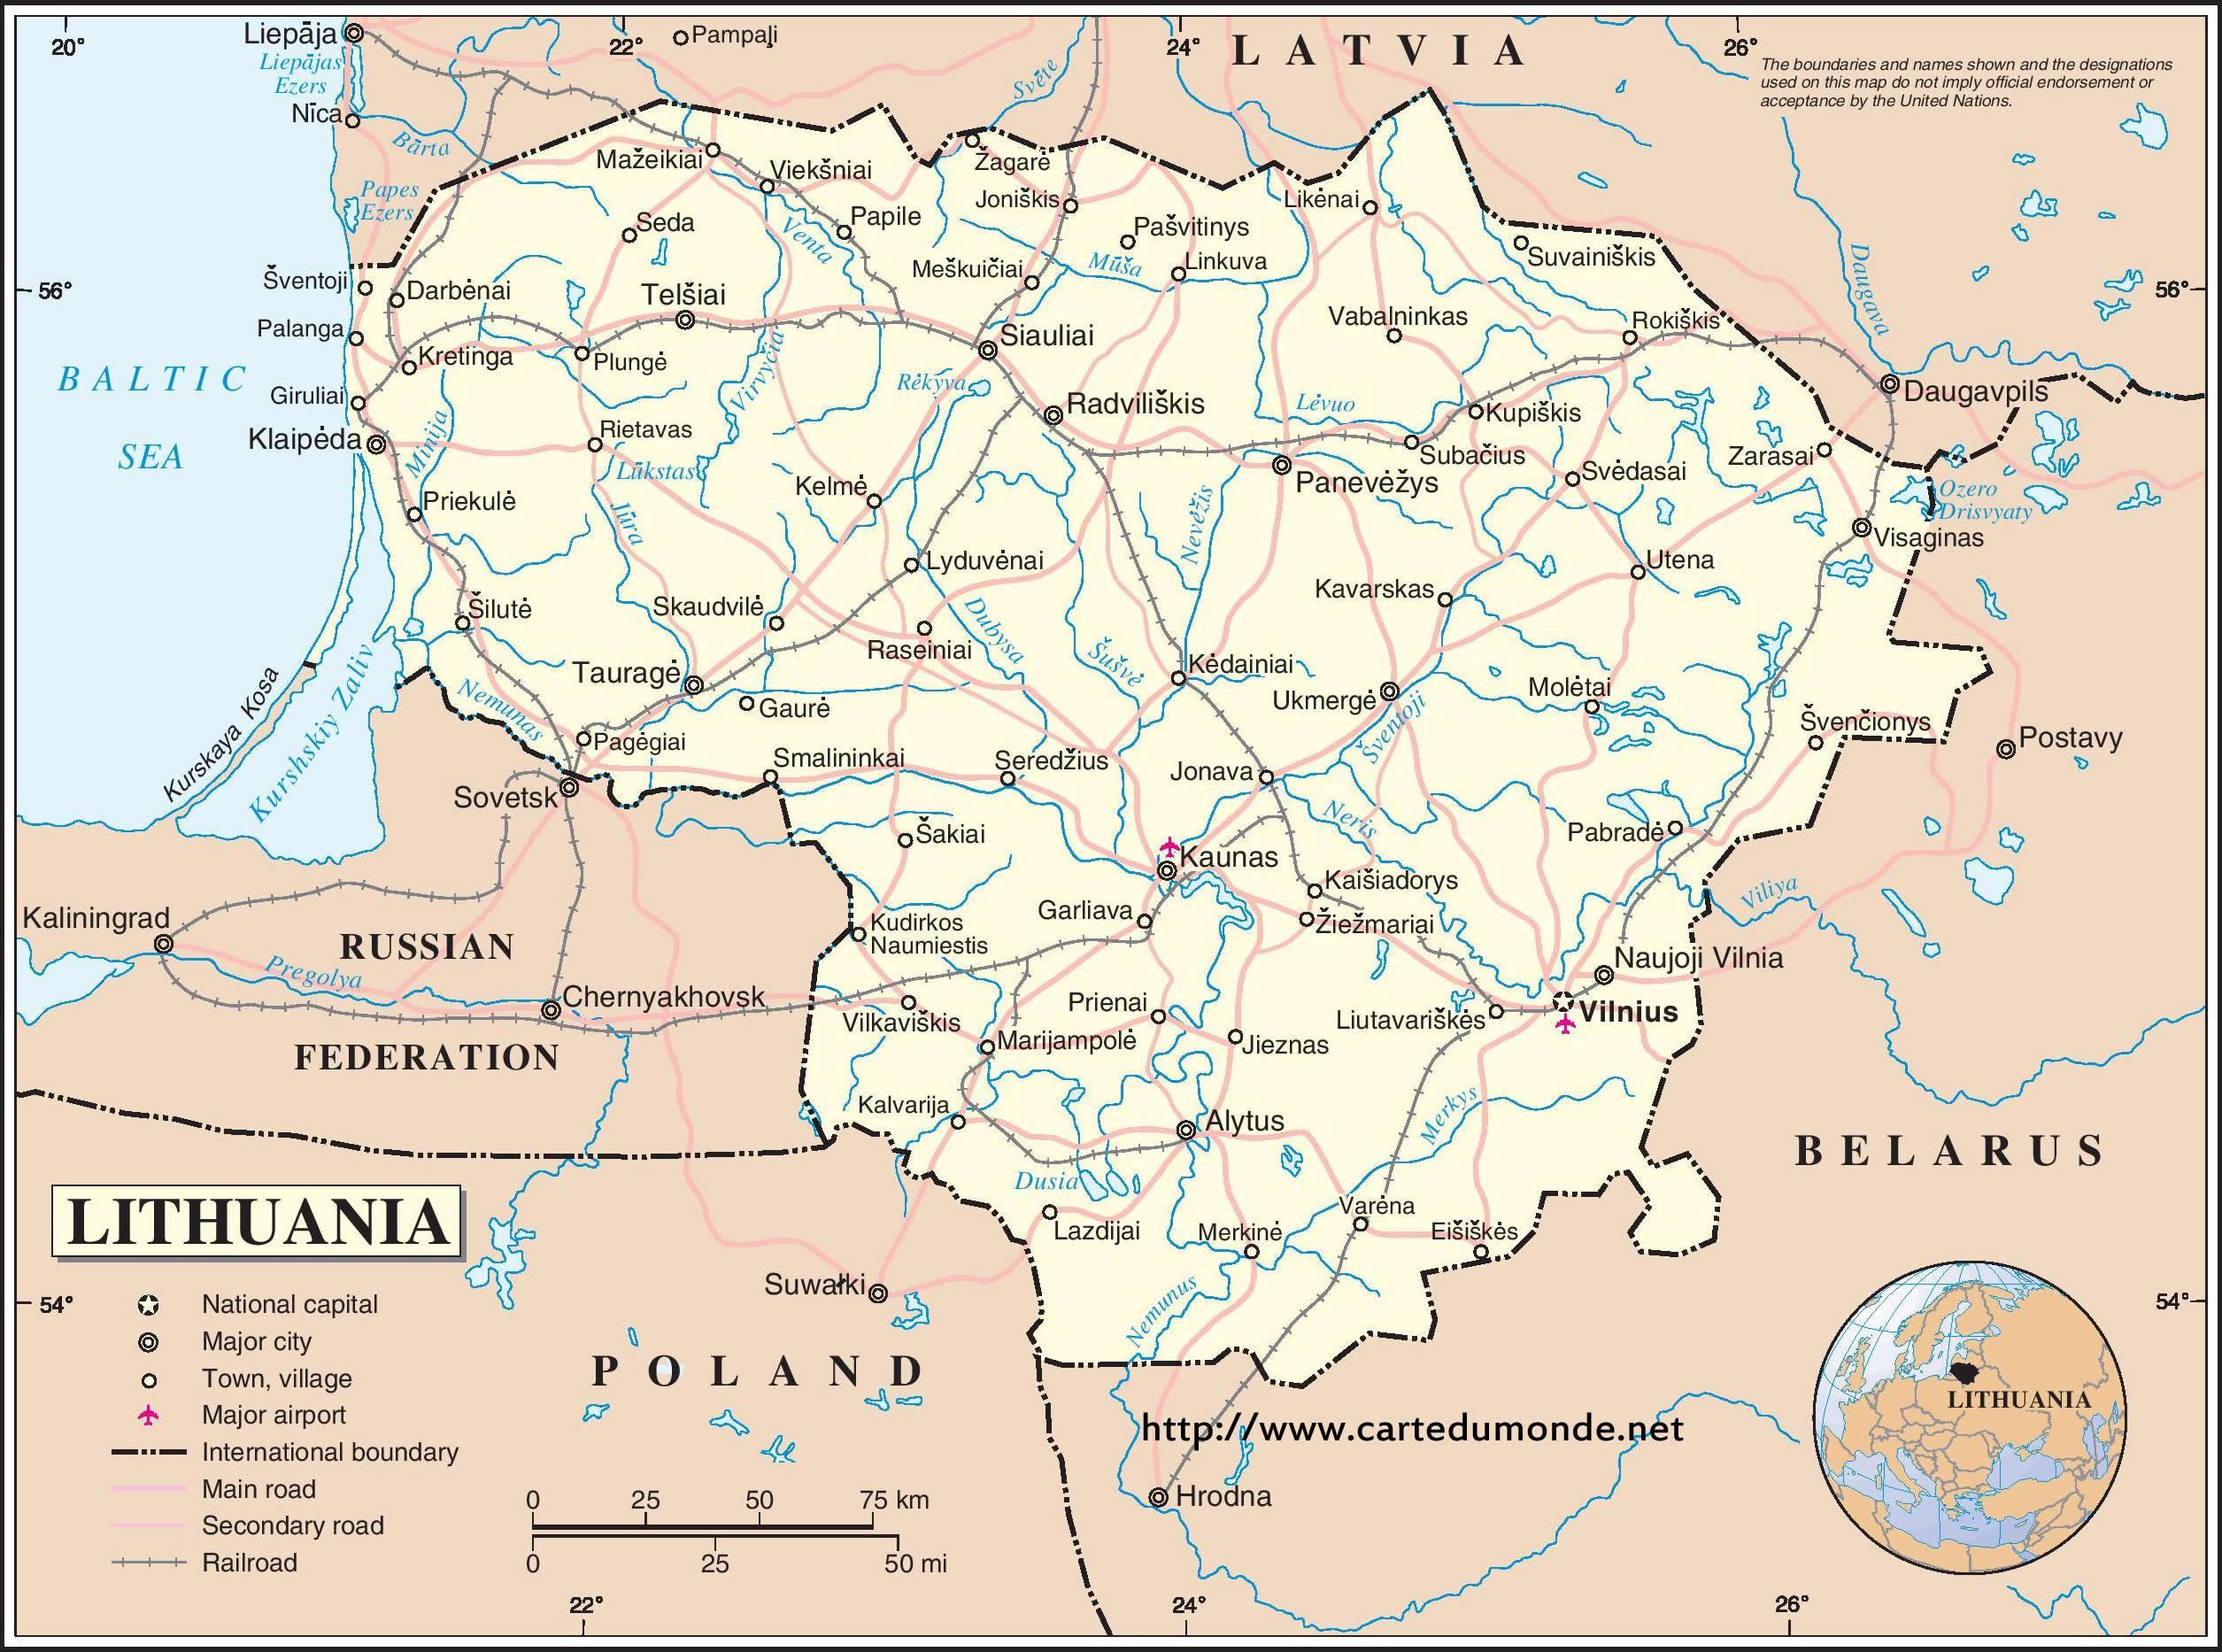 litauen kart Litauen landet kart   Kart over Litauen landet (Nord Europa   Europa) litauen kart